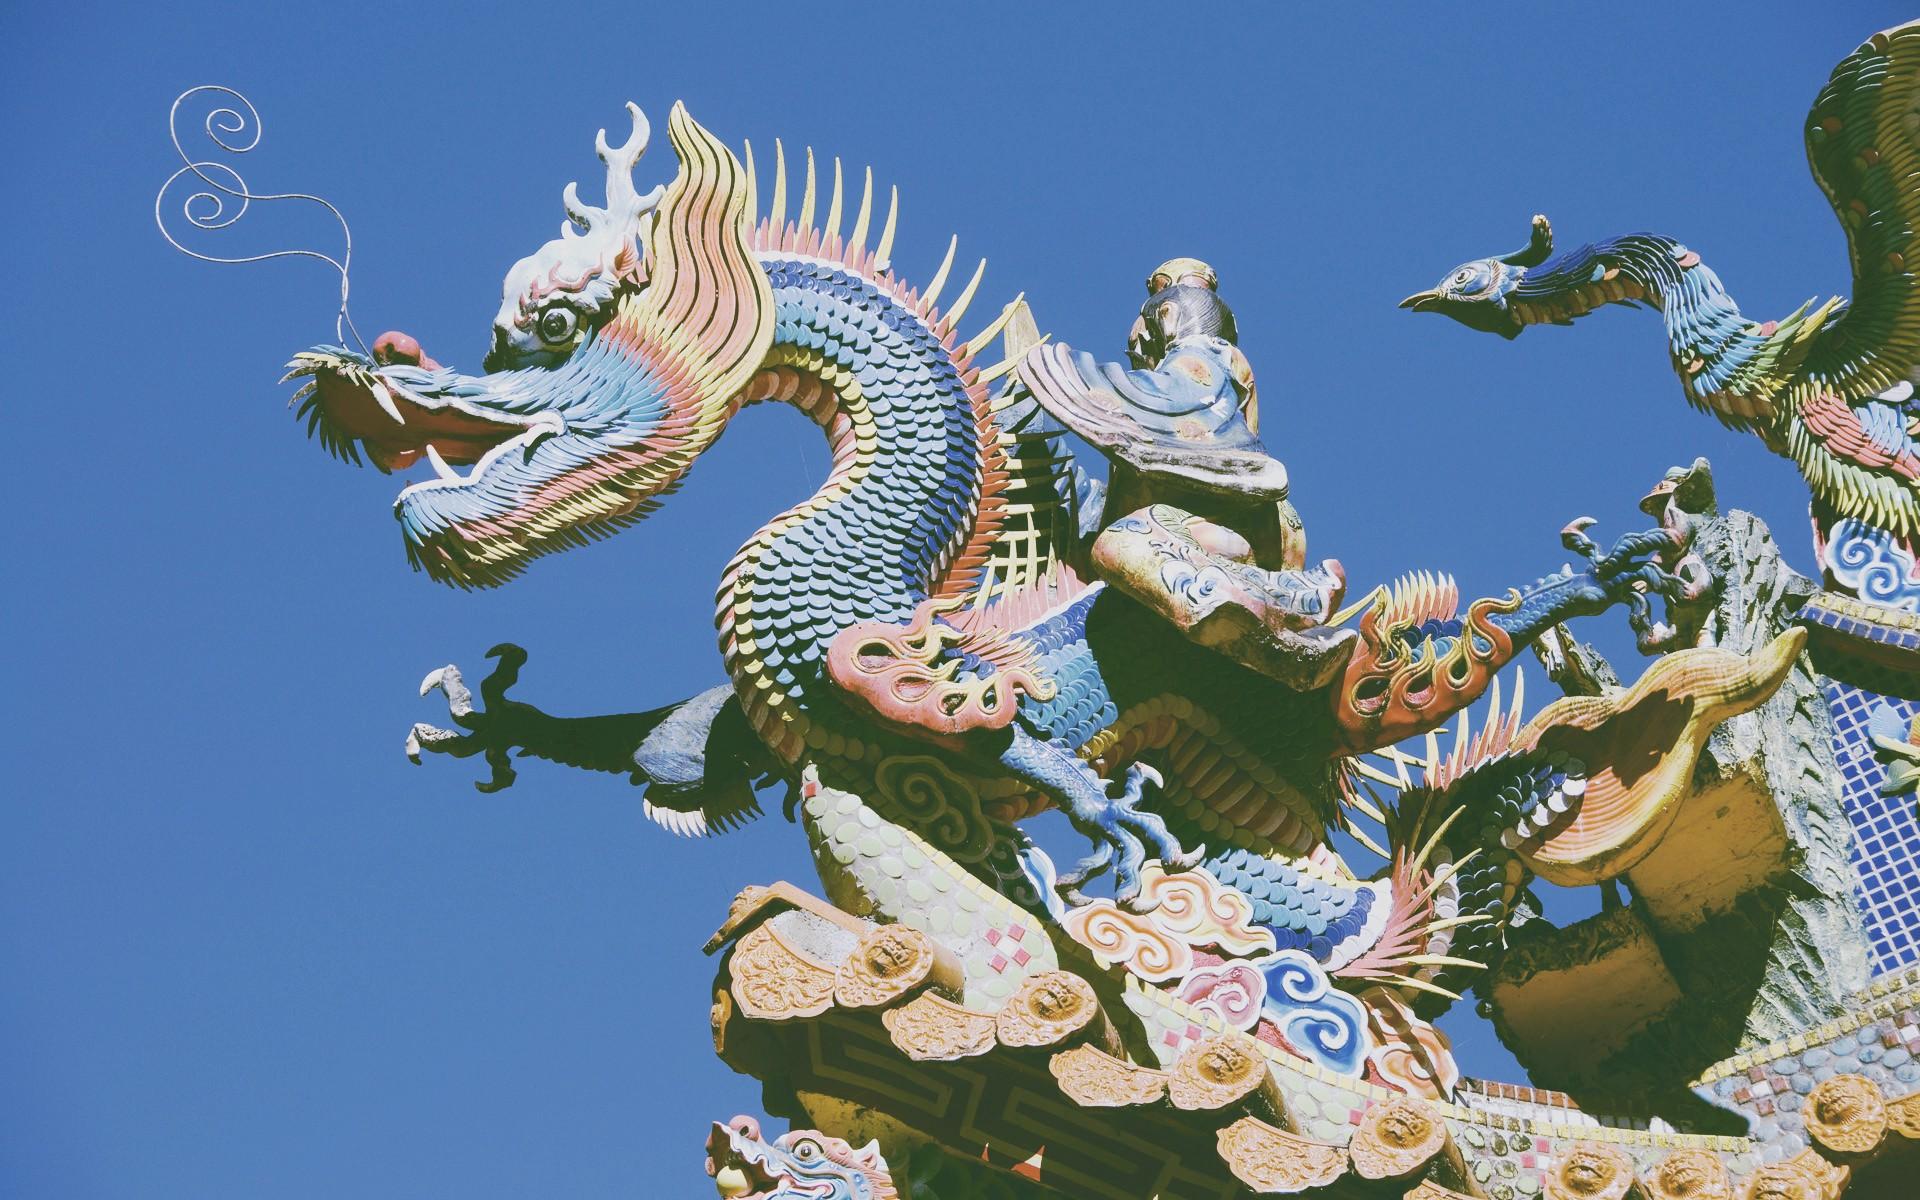 древний китай картинки дракона его жаркими танцами